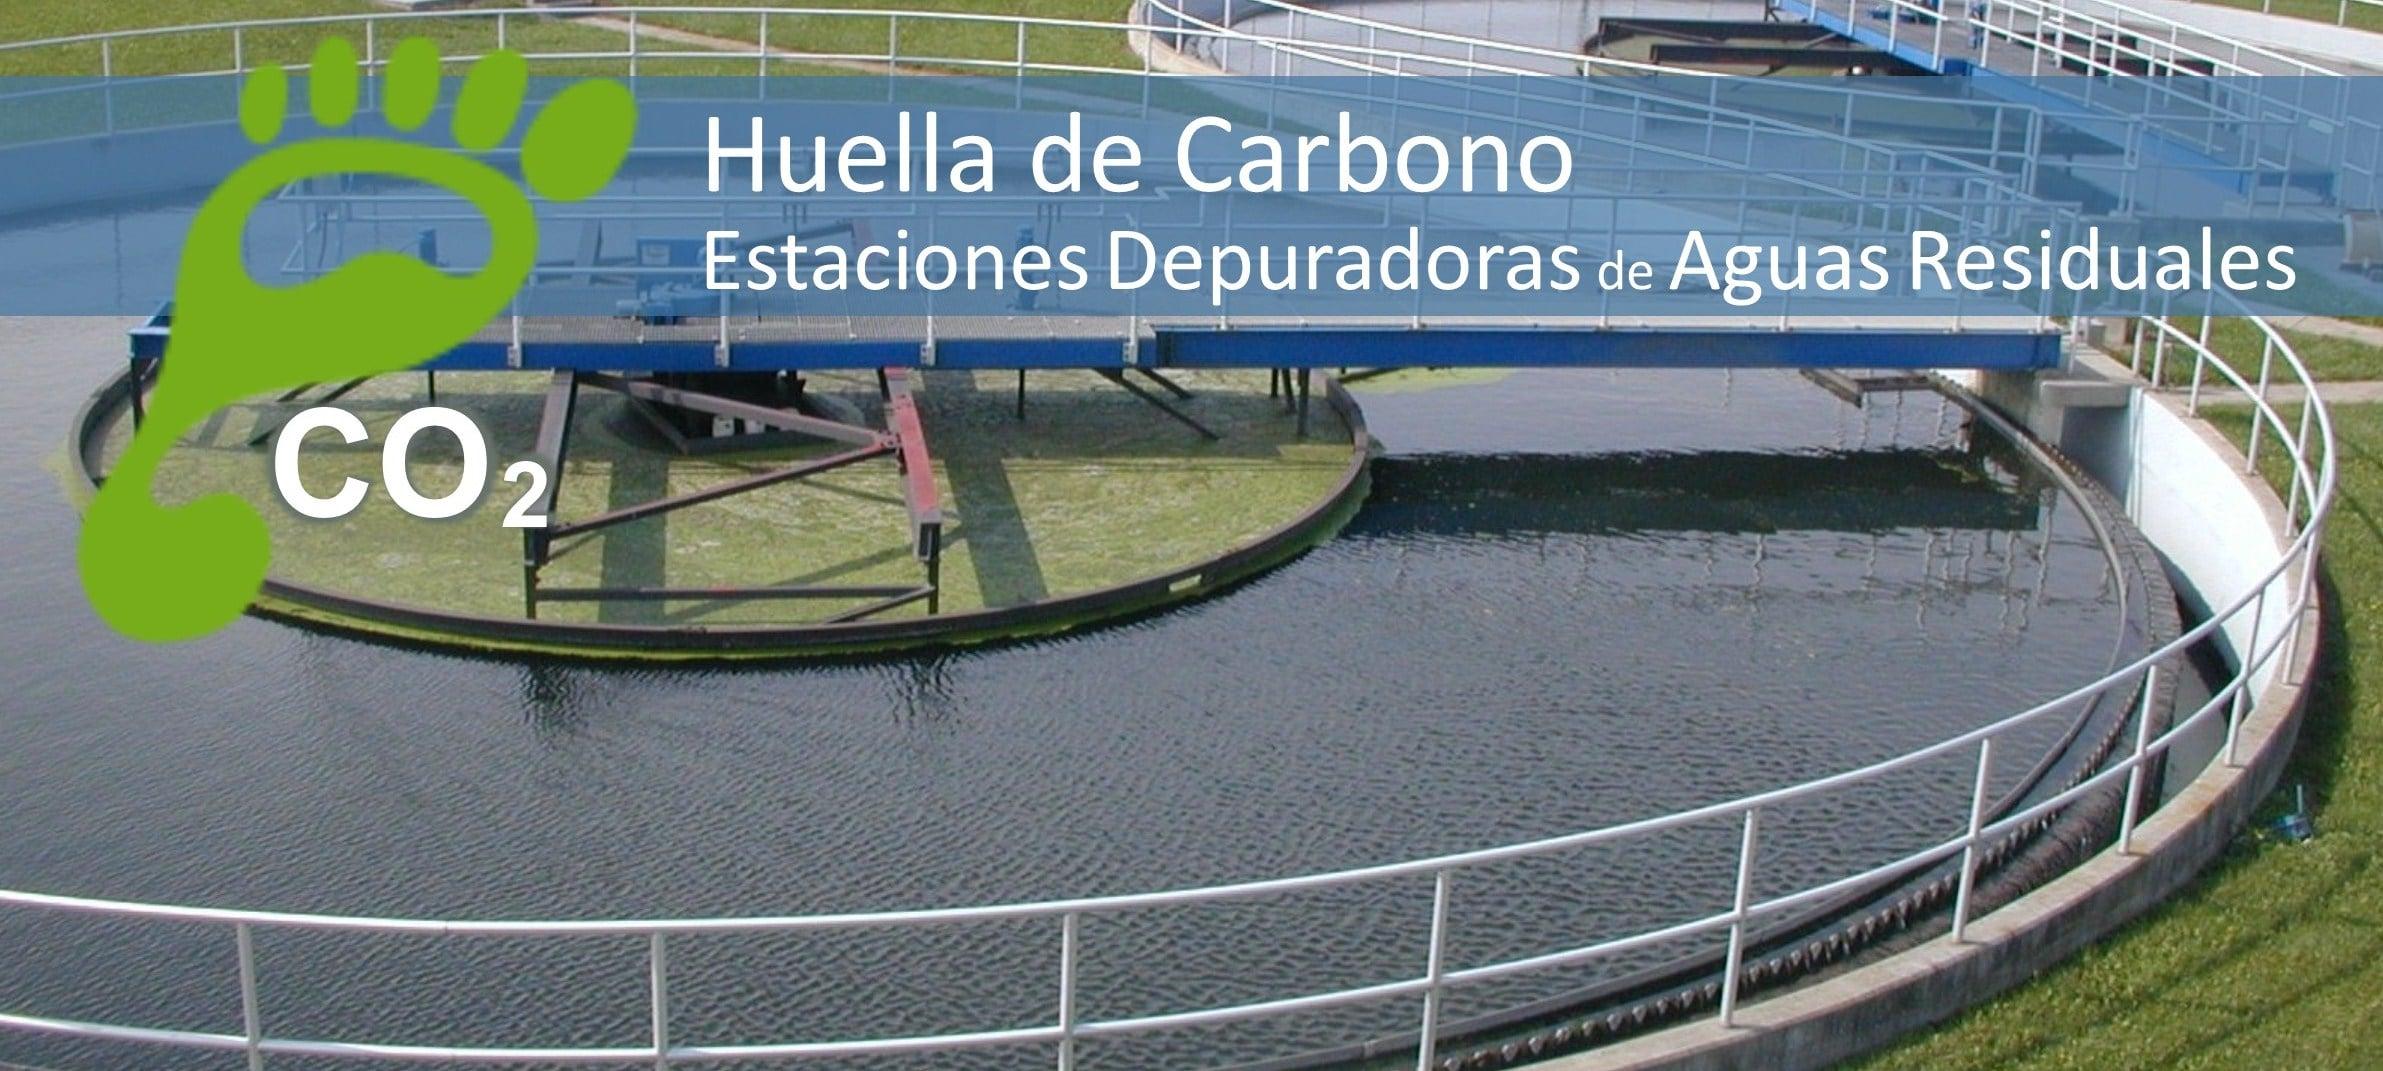 banner huella co2 edar blogdelagua 640